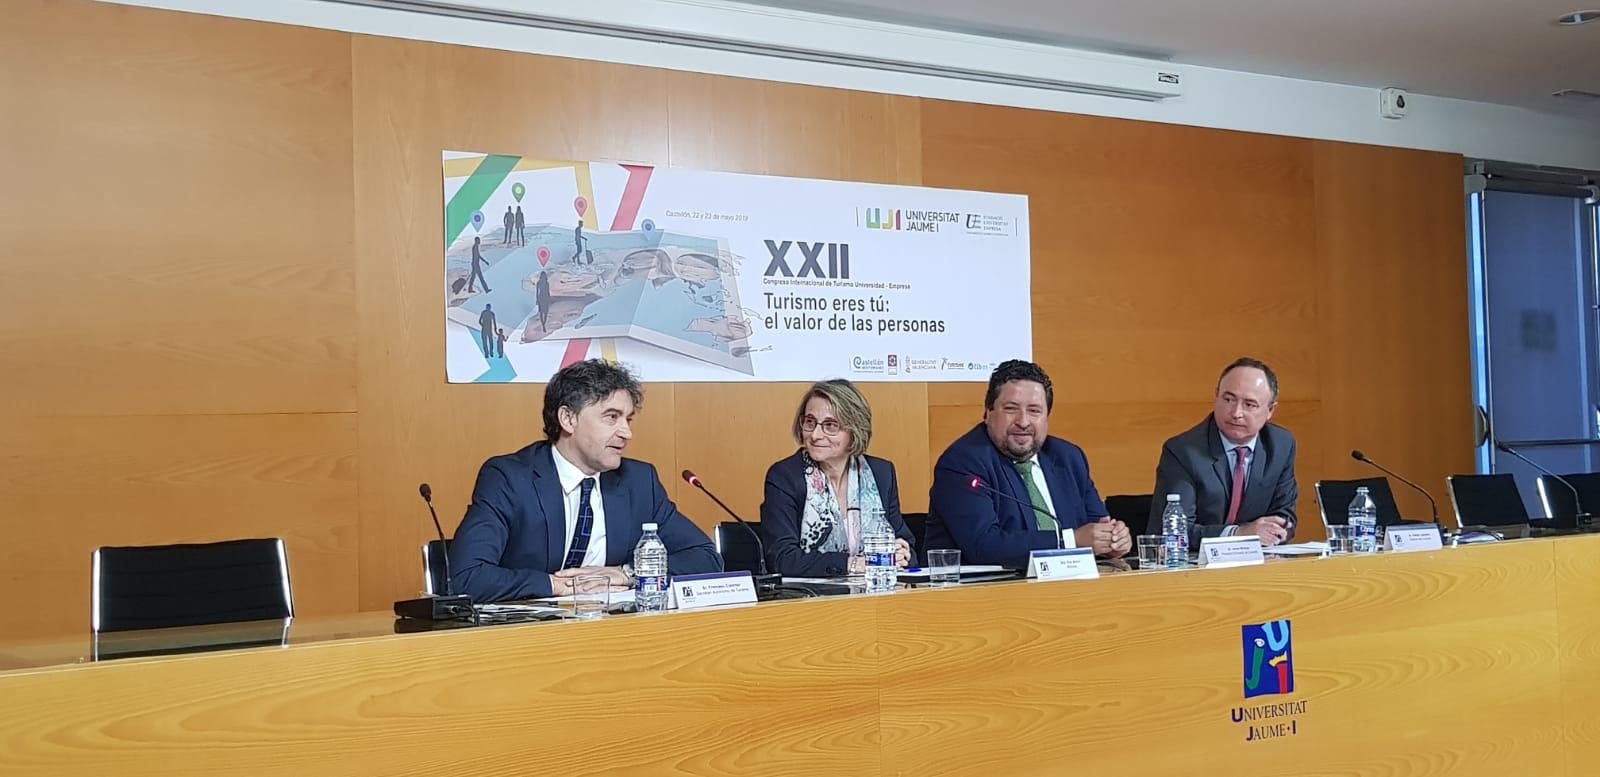 """Colomer destaca """"l""""encert de centrar el Congrés Turisme Universitat-Empresa en la cerca del valor humanista del turisme"""""""